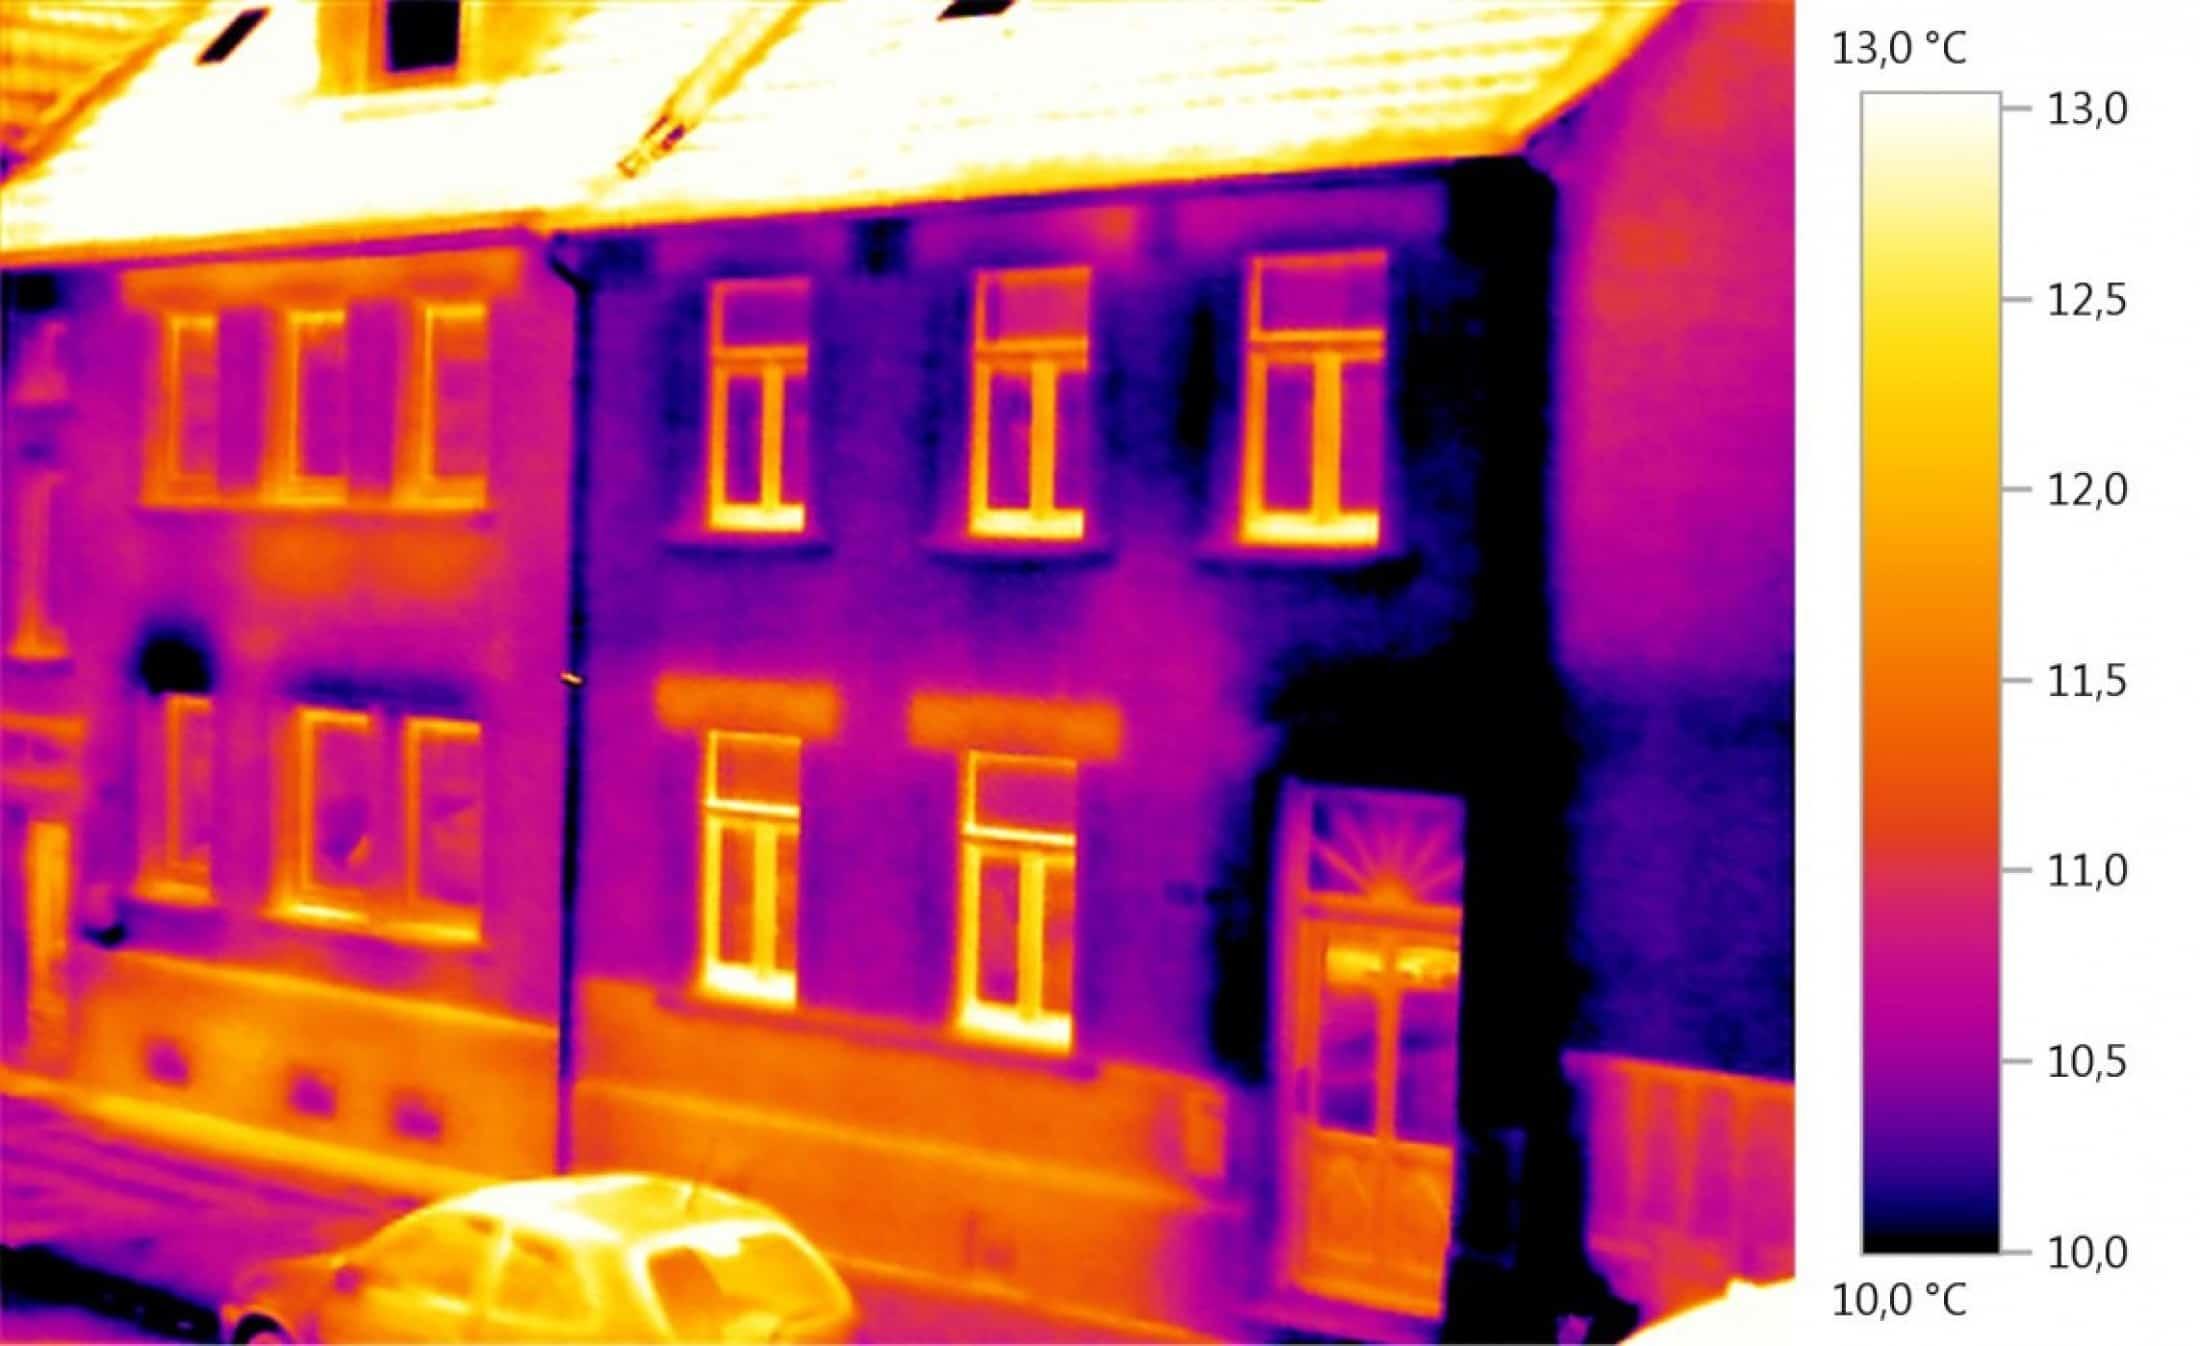 Thermische opname gebouw